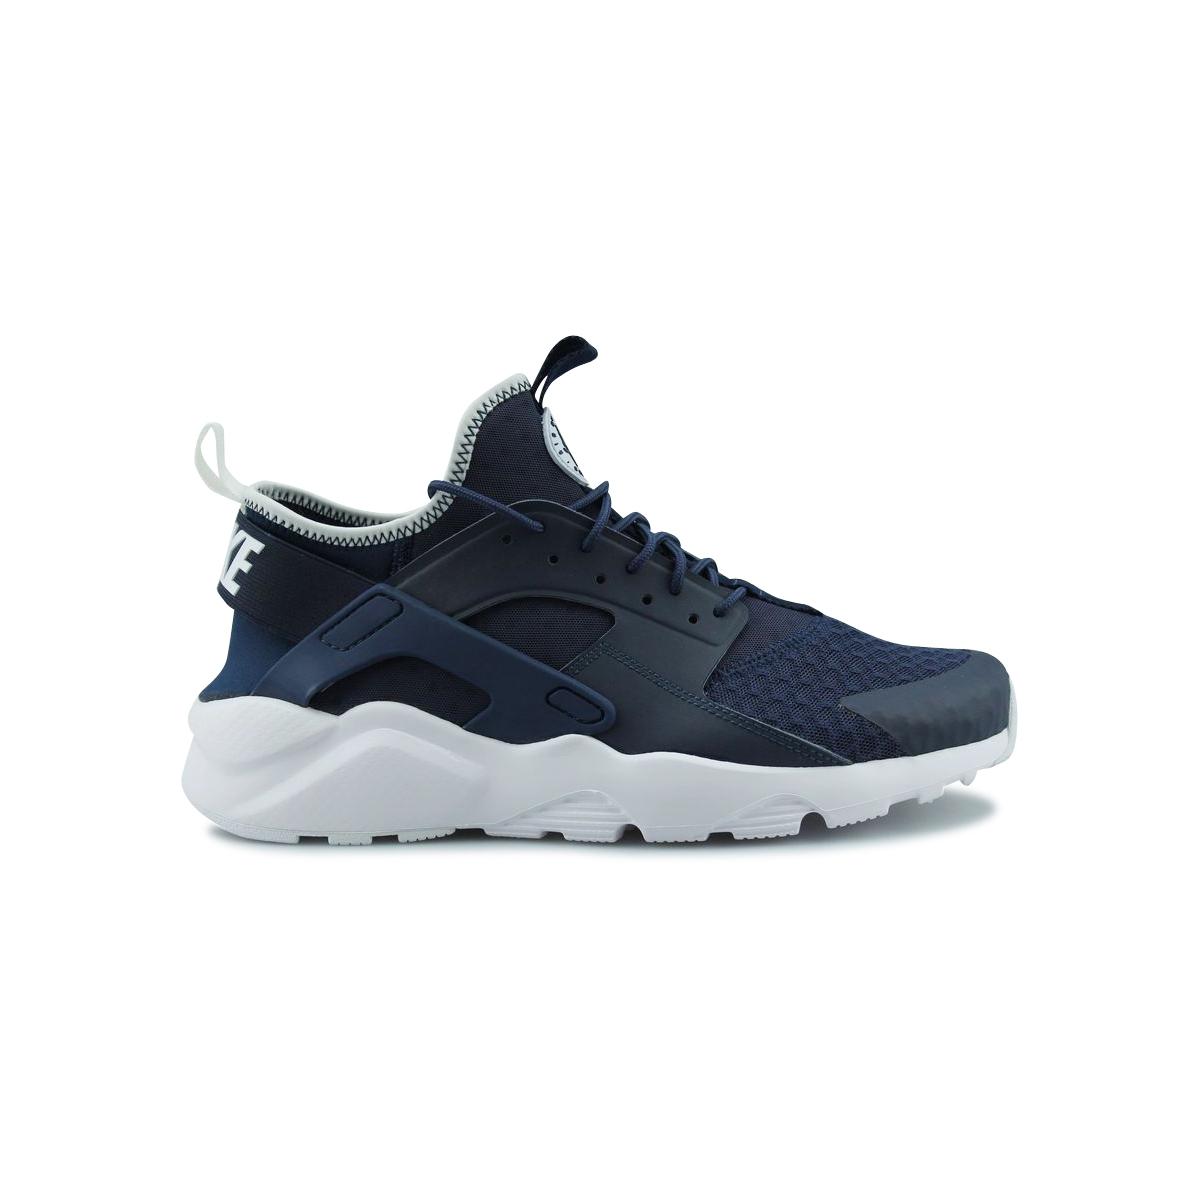 Nike Huarache Run Ultra - Ref. 819685-406 Bleu - Chaussures Baskets basses Homme